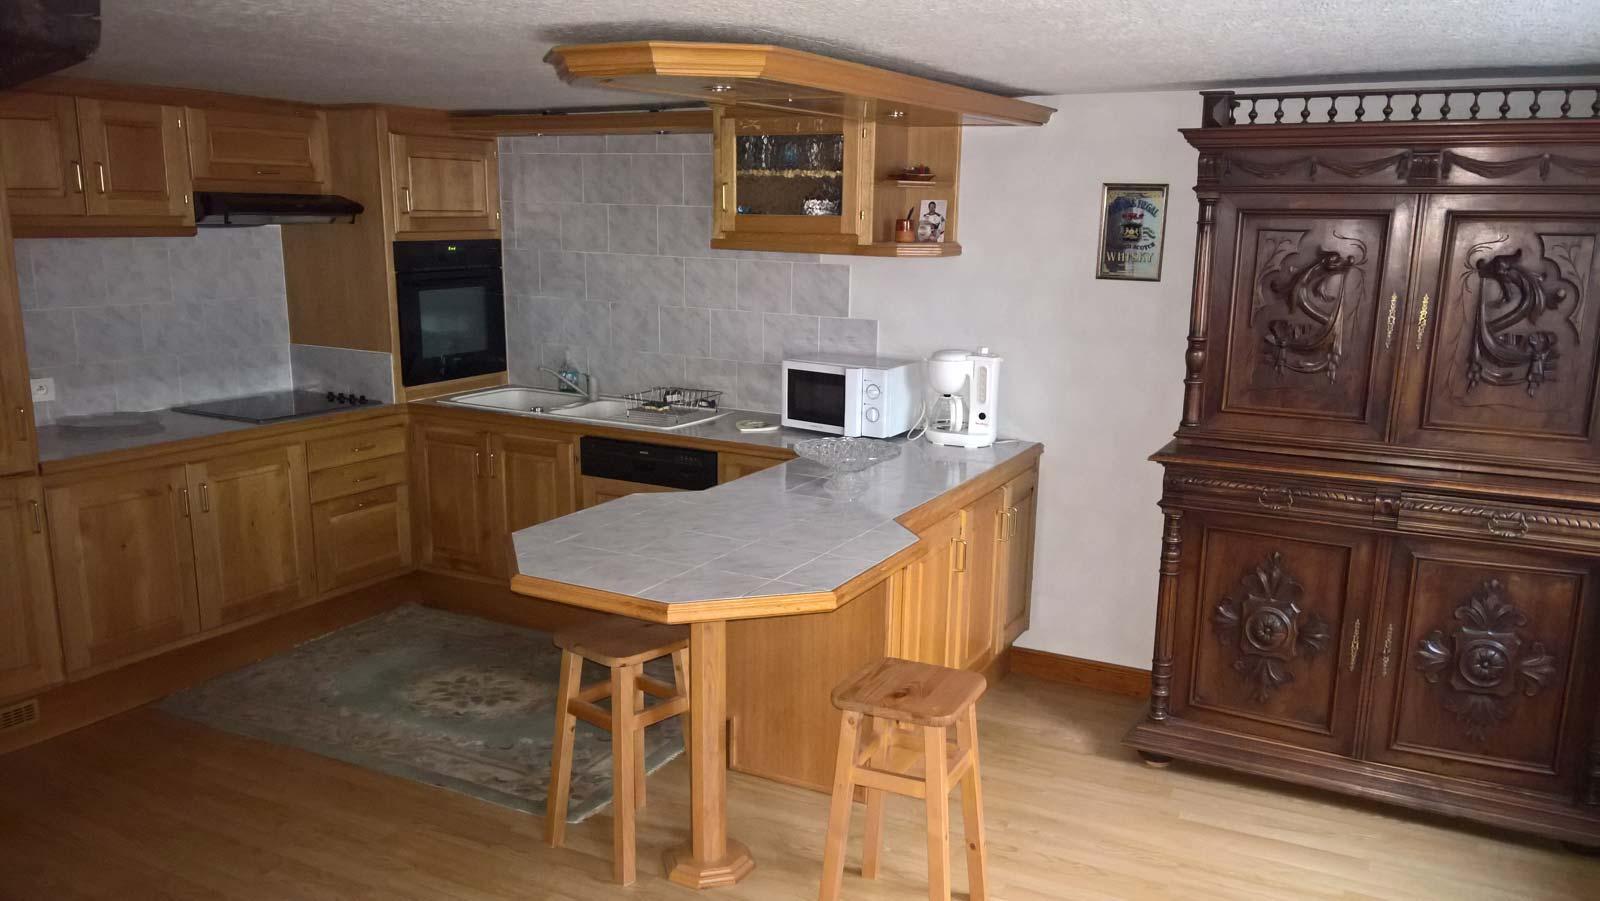 meubl de m et mme spindler la maison du vigneron oberbronn. Black Bedroom Furniture Sets. Home Design Ideas